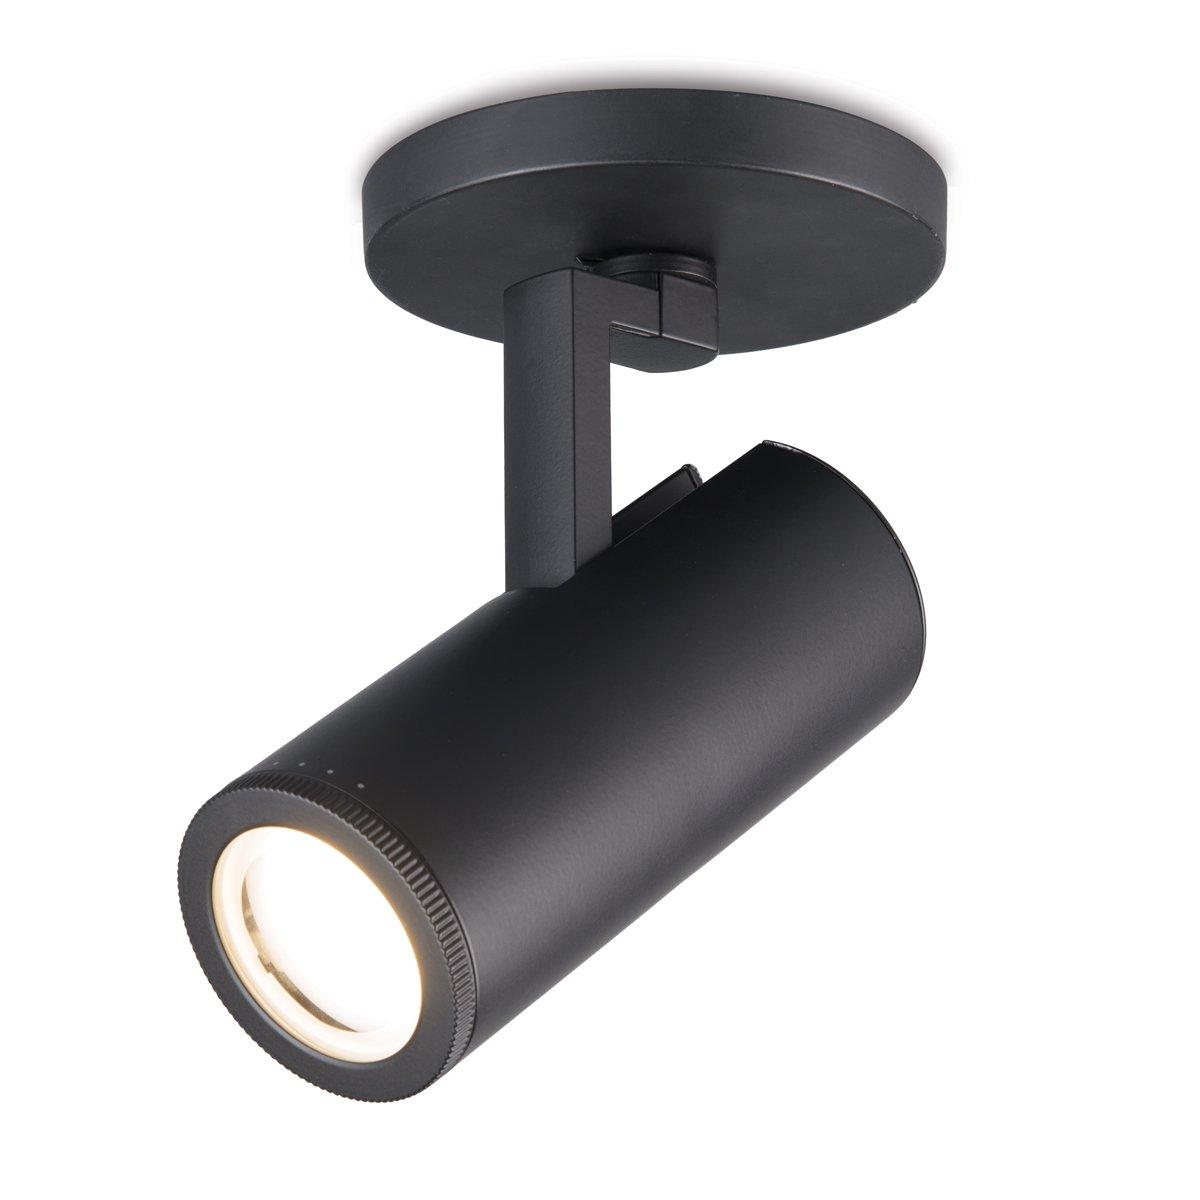 WAC Lighting MO-4023-830-BK 4023 Adjustable Paloma LED Monopoint in Black Finish, 3000K